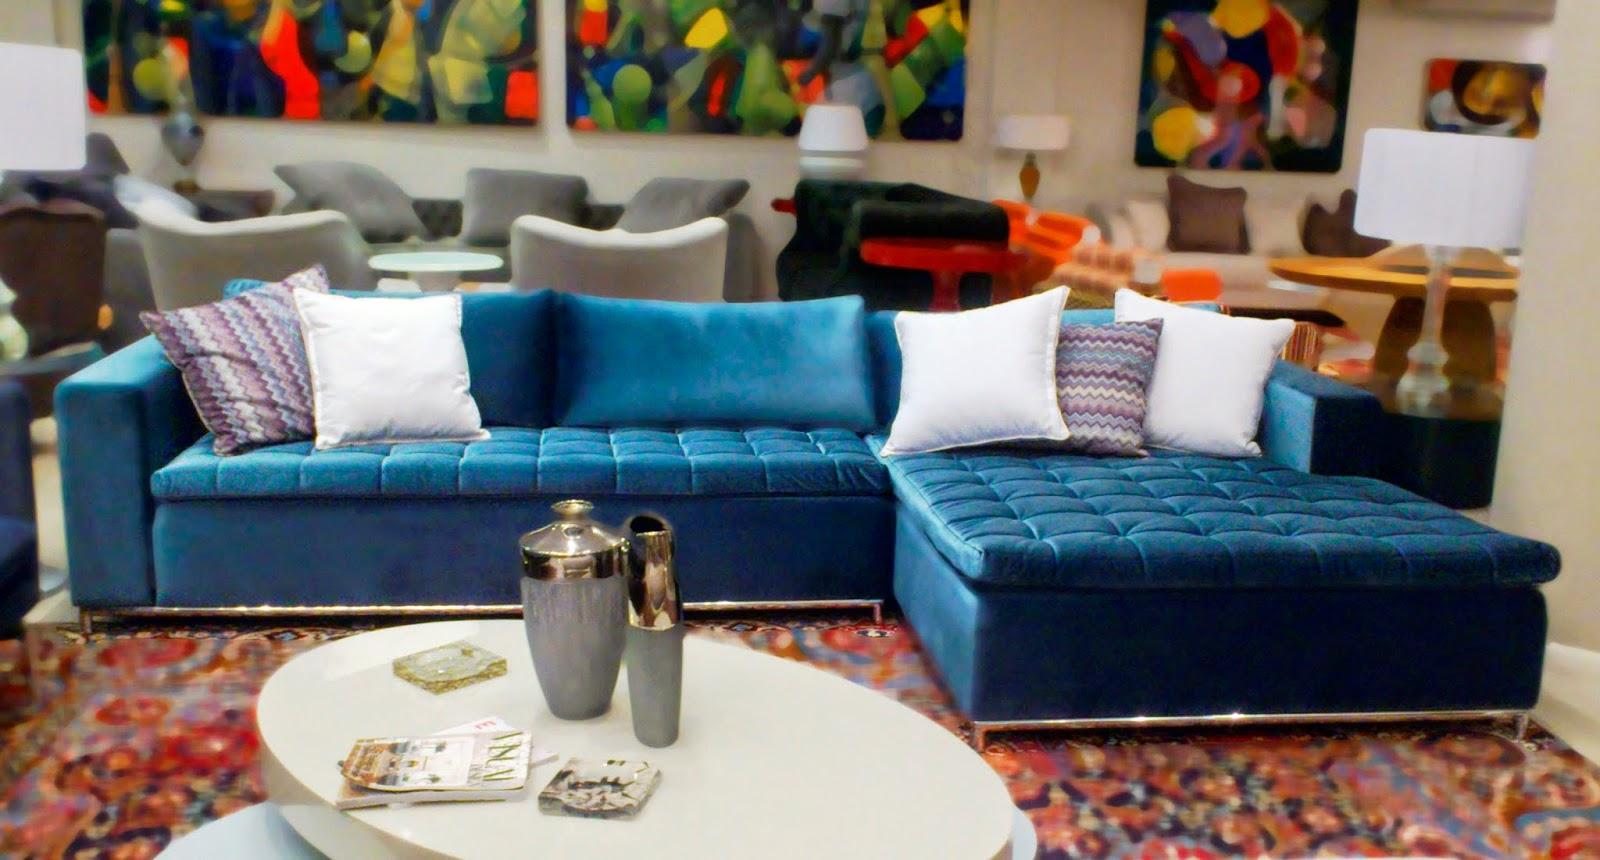 Esse Sofa Ta Bom Demais 46 Deep Leather O Blog De Todas As Coisas Sofá Azul